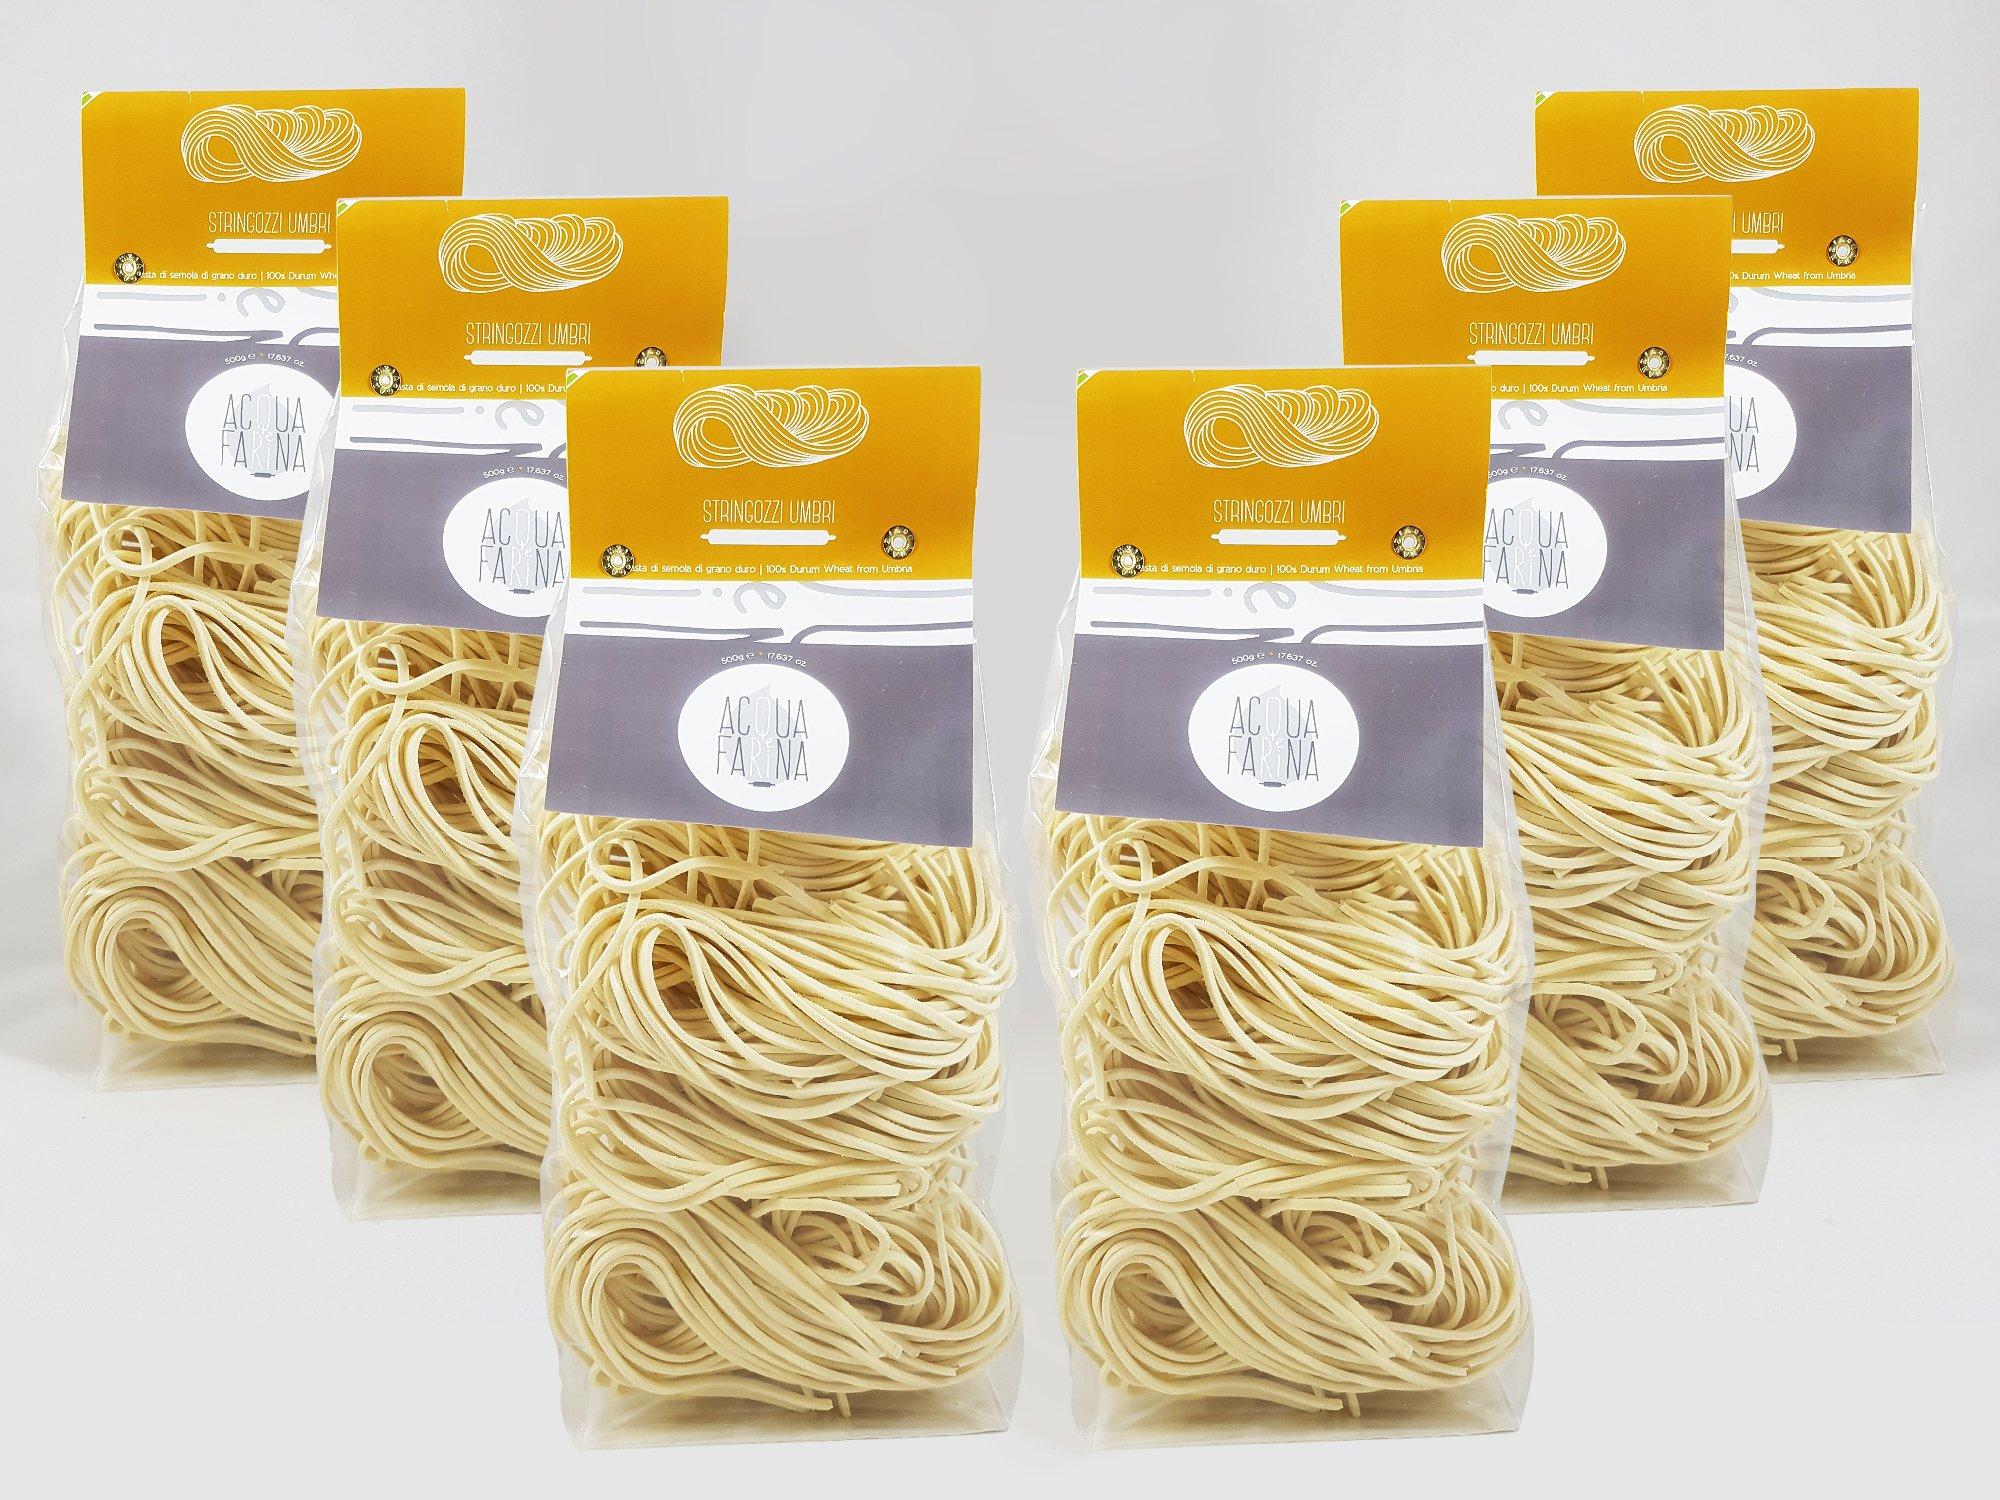 Stringozzi Pasta 17.6 oz pack of 6